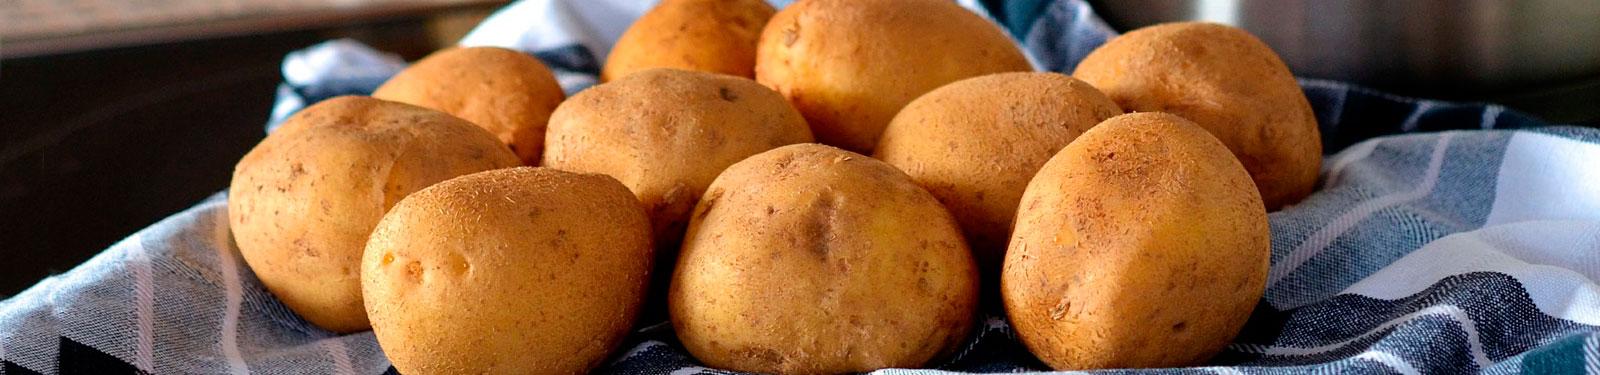 ¡Atención: Regula los almidones en tu dieta! - Ignifits